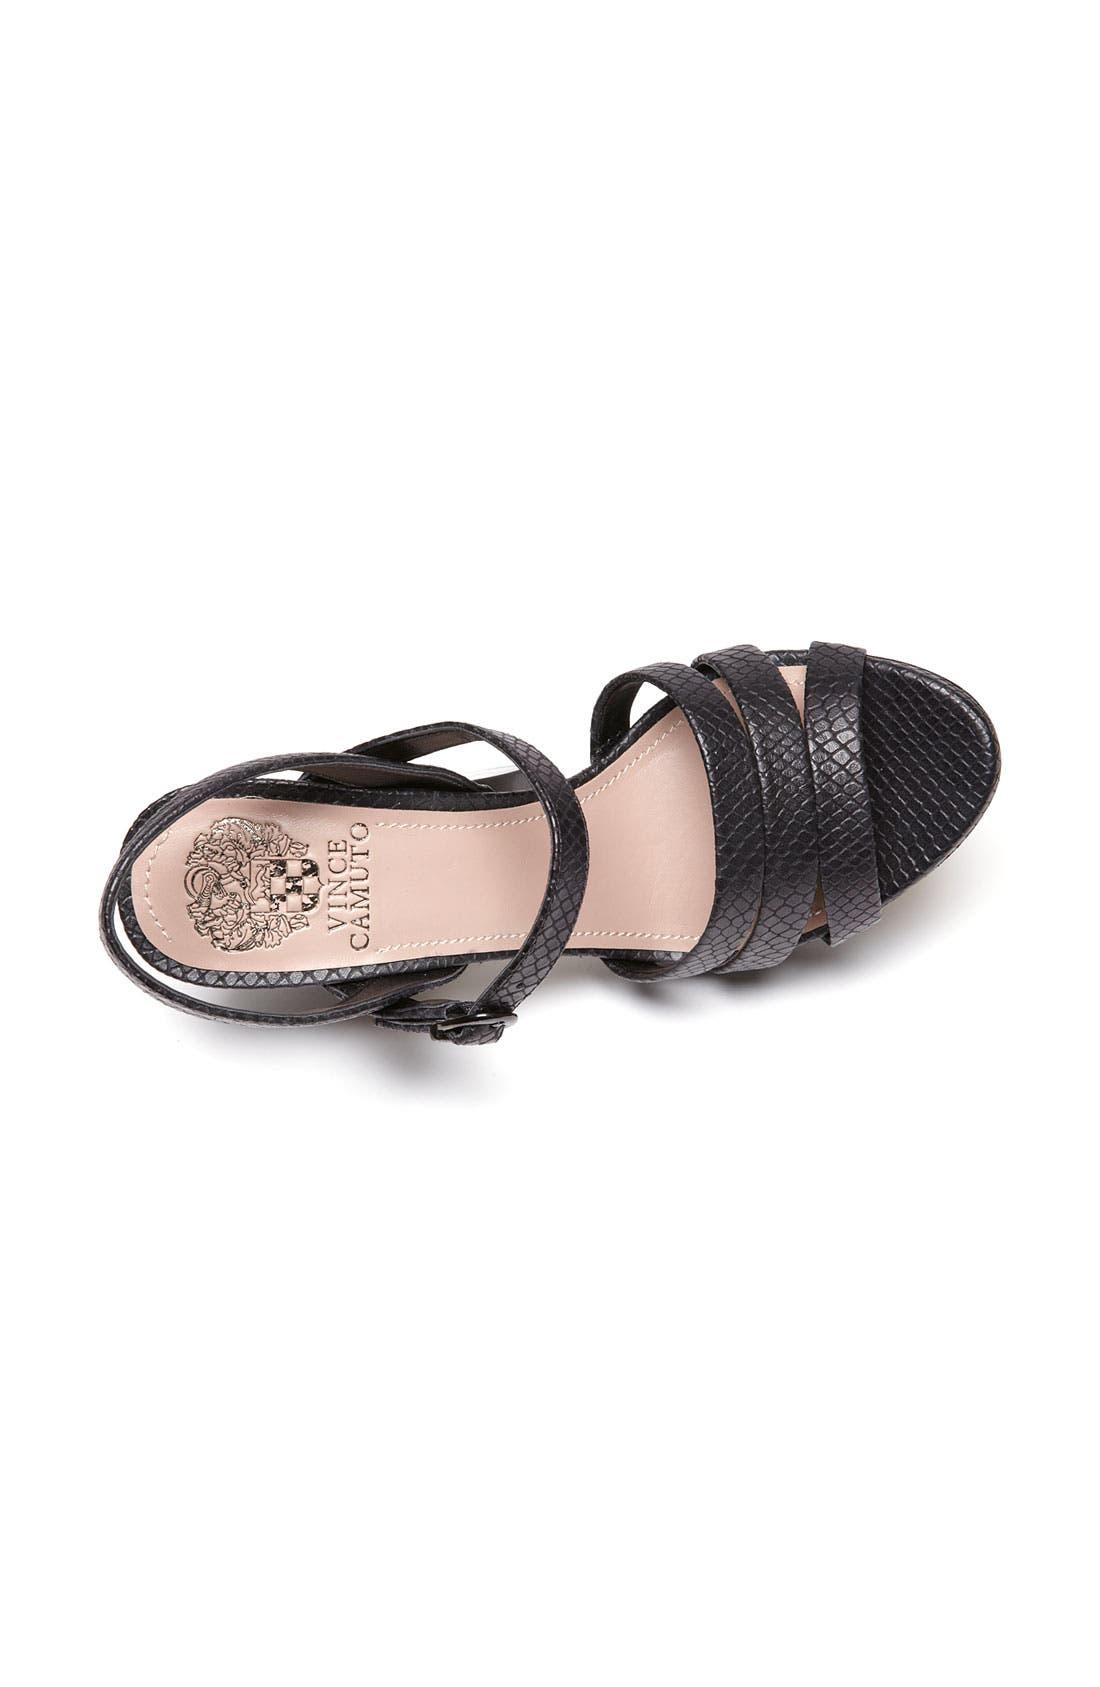 Alternate Image 3  - Vince Camuto 'Miner' Sandal